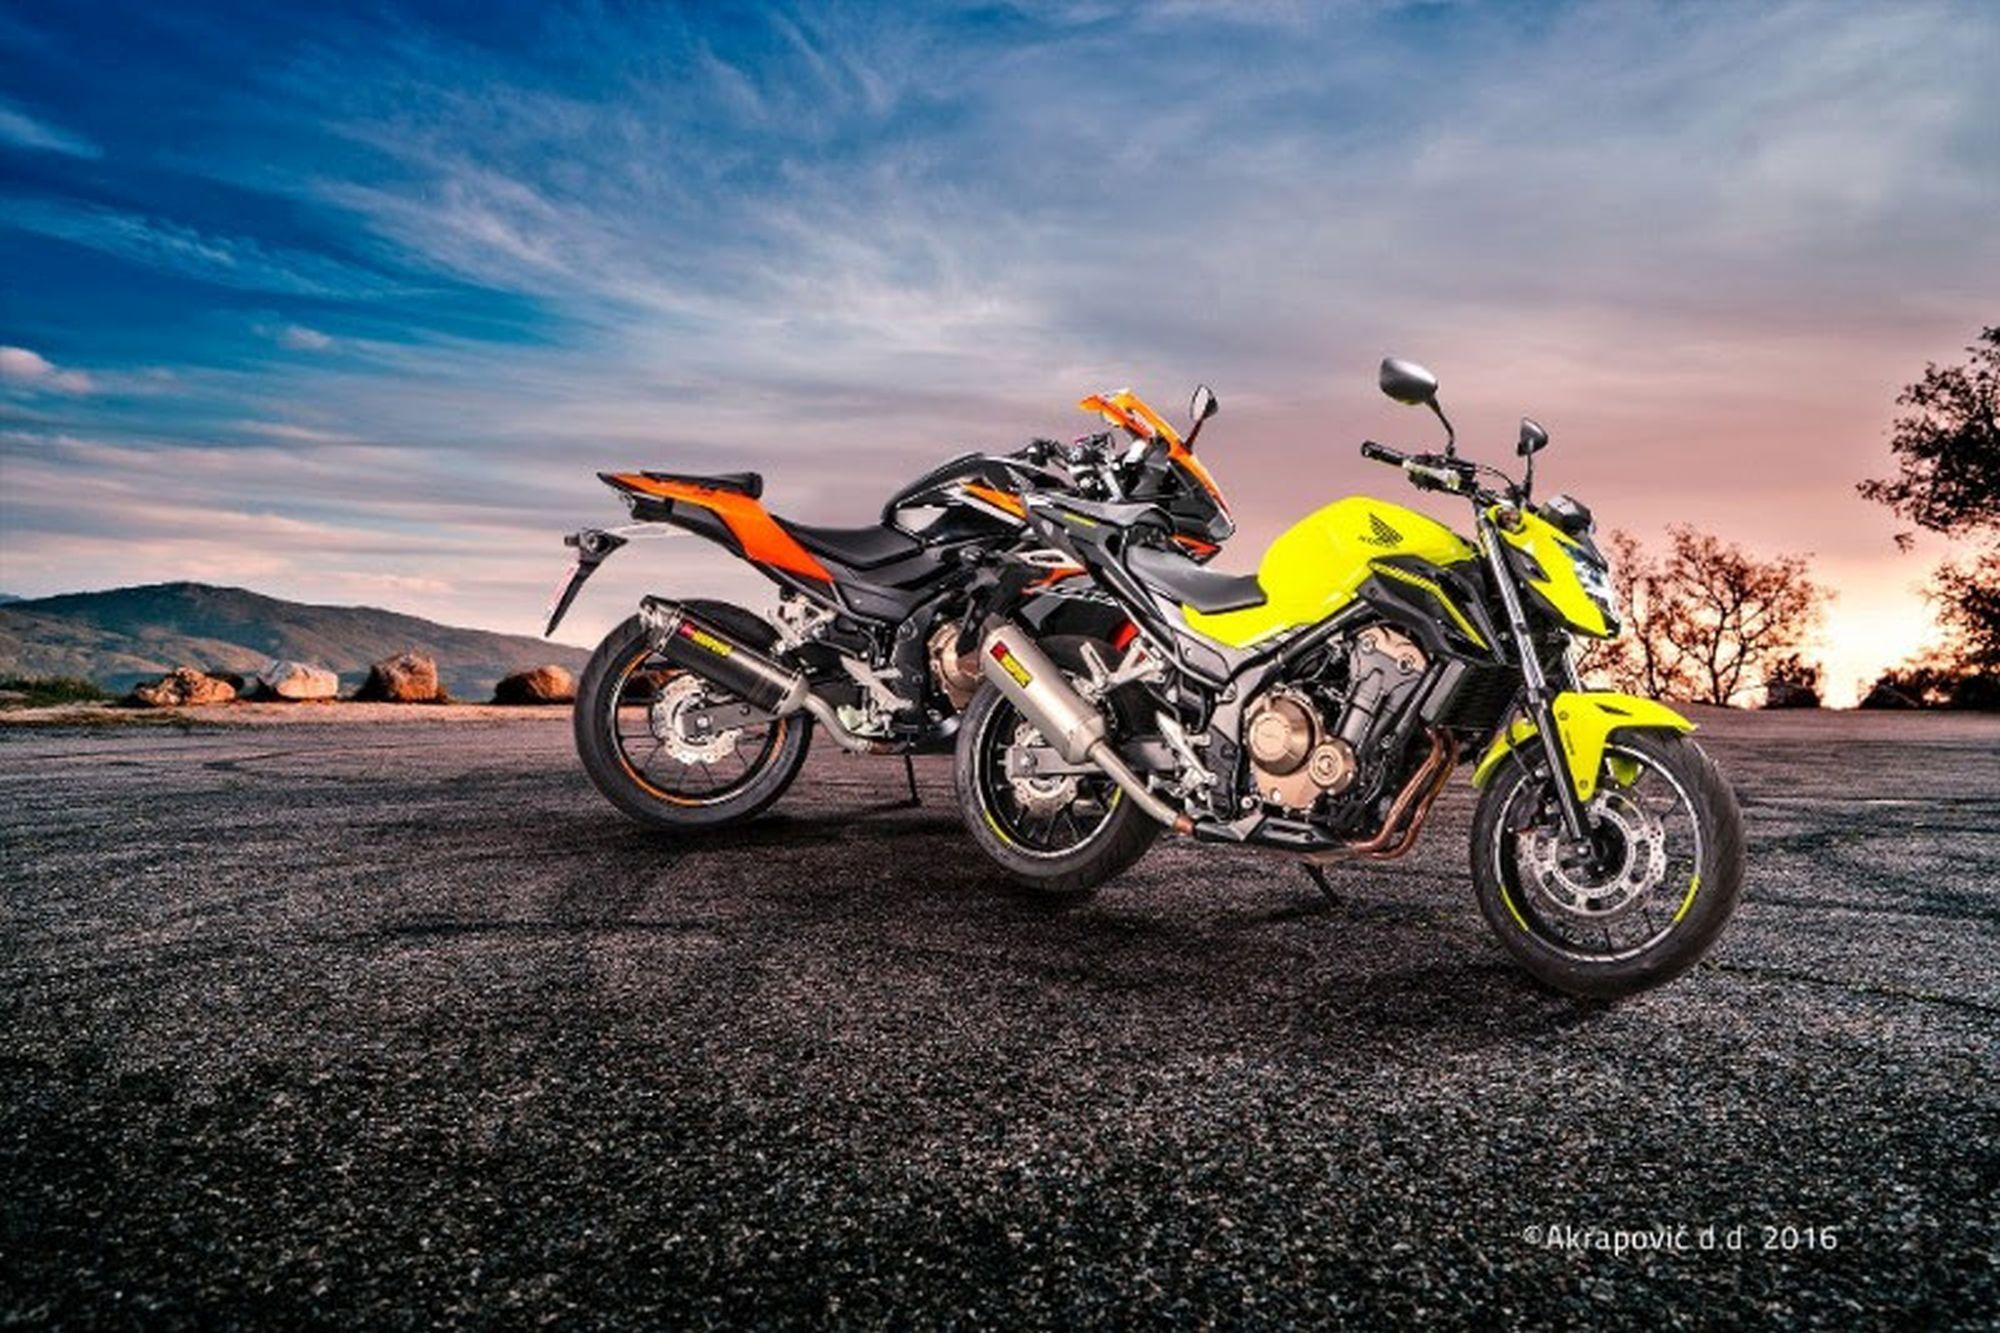 Akrapovič Slip-On-Systeme für die Honda CBR 400/500 R und CB 500 F Foto